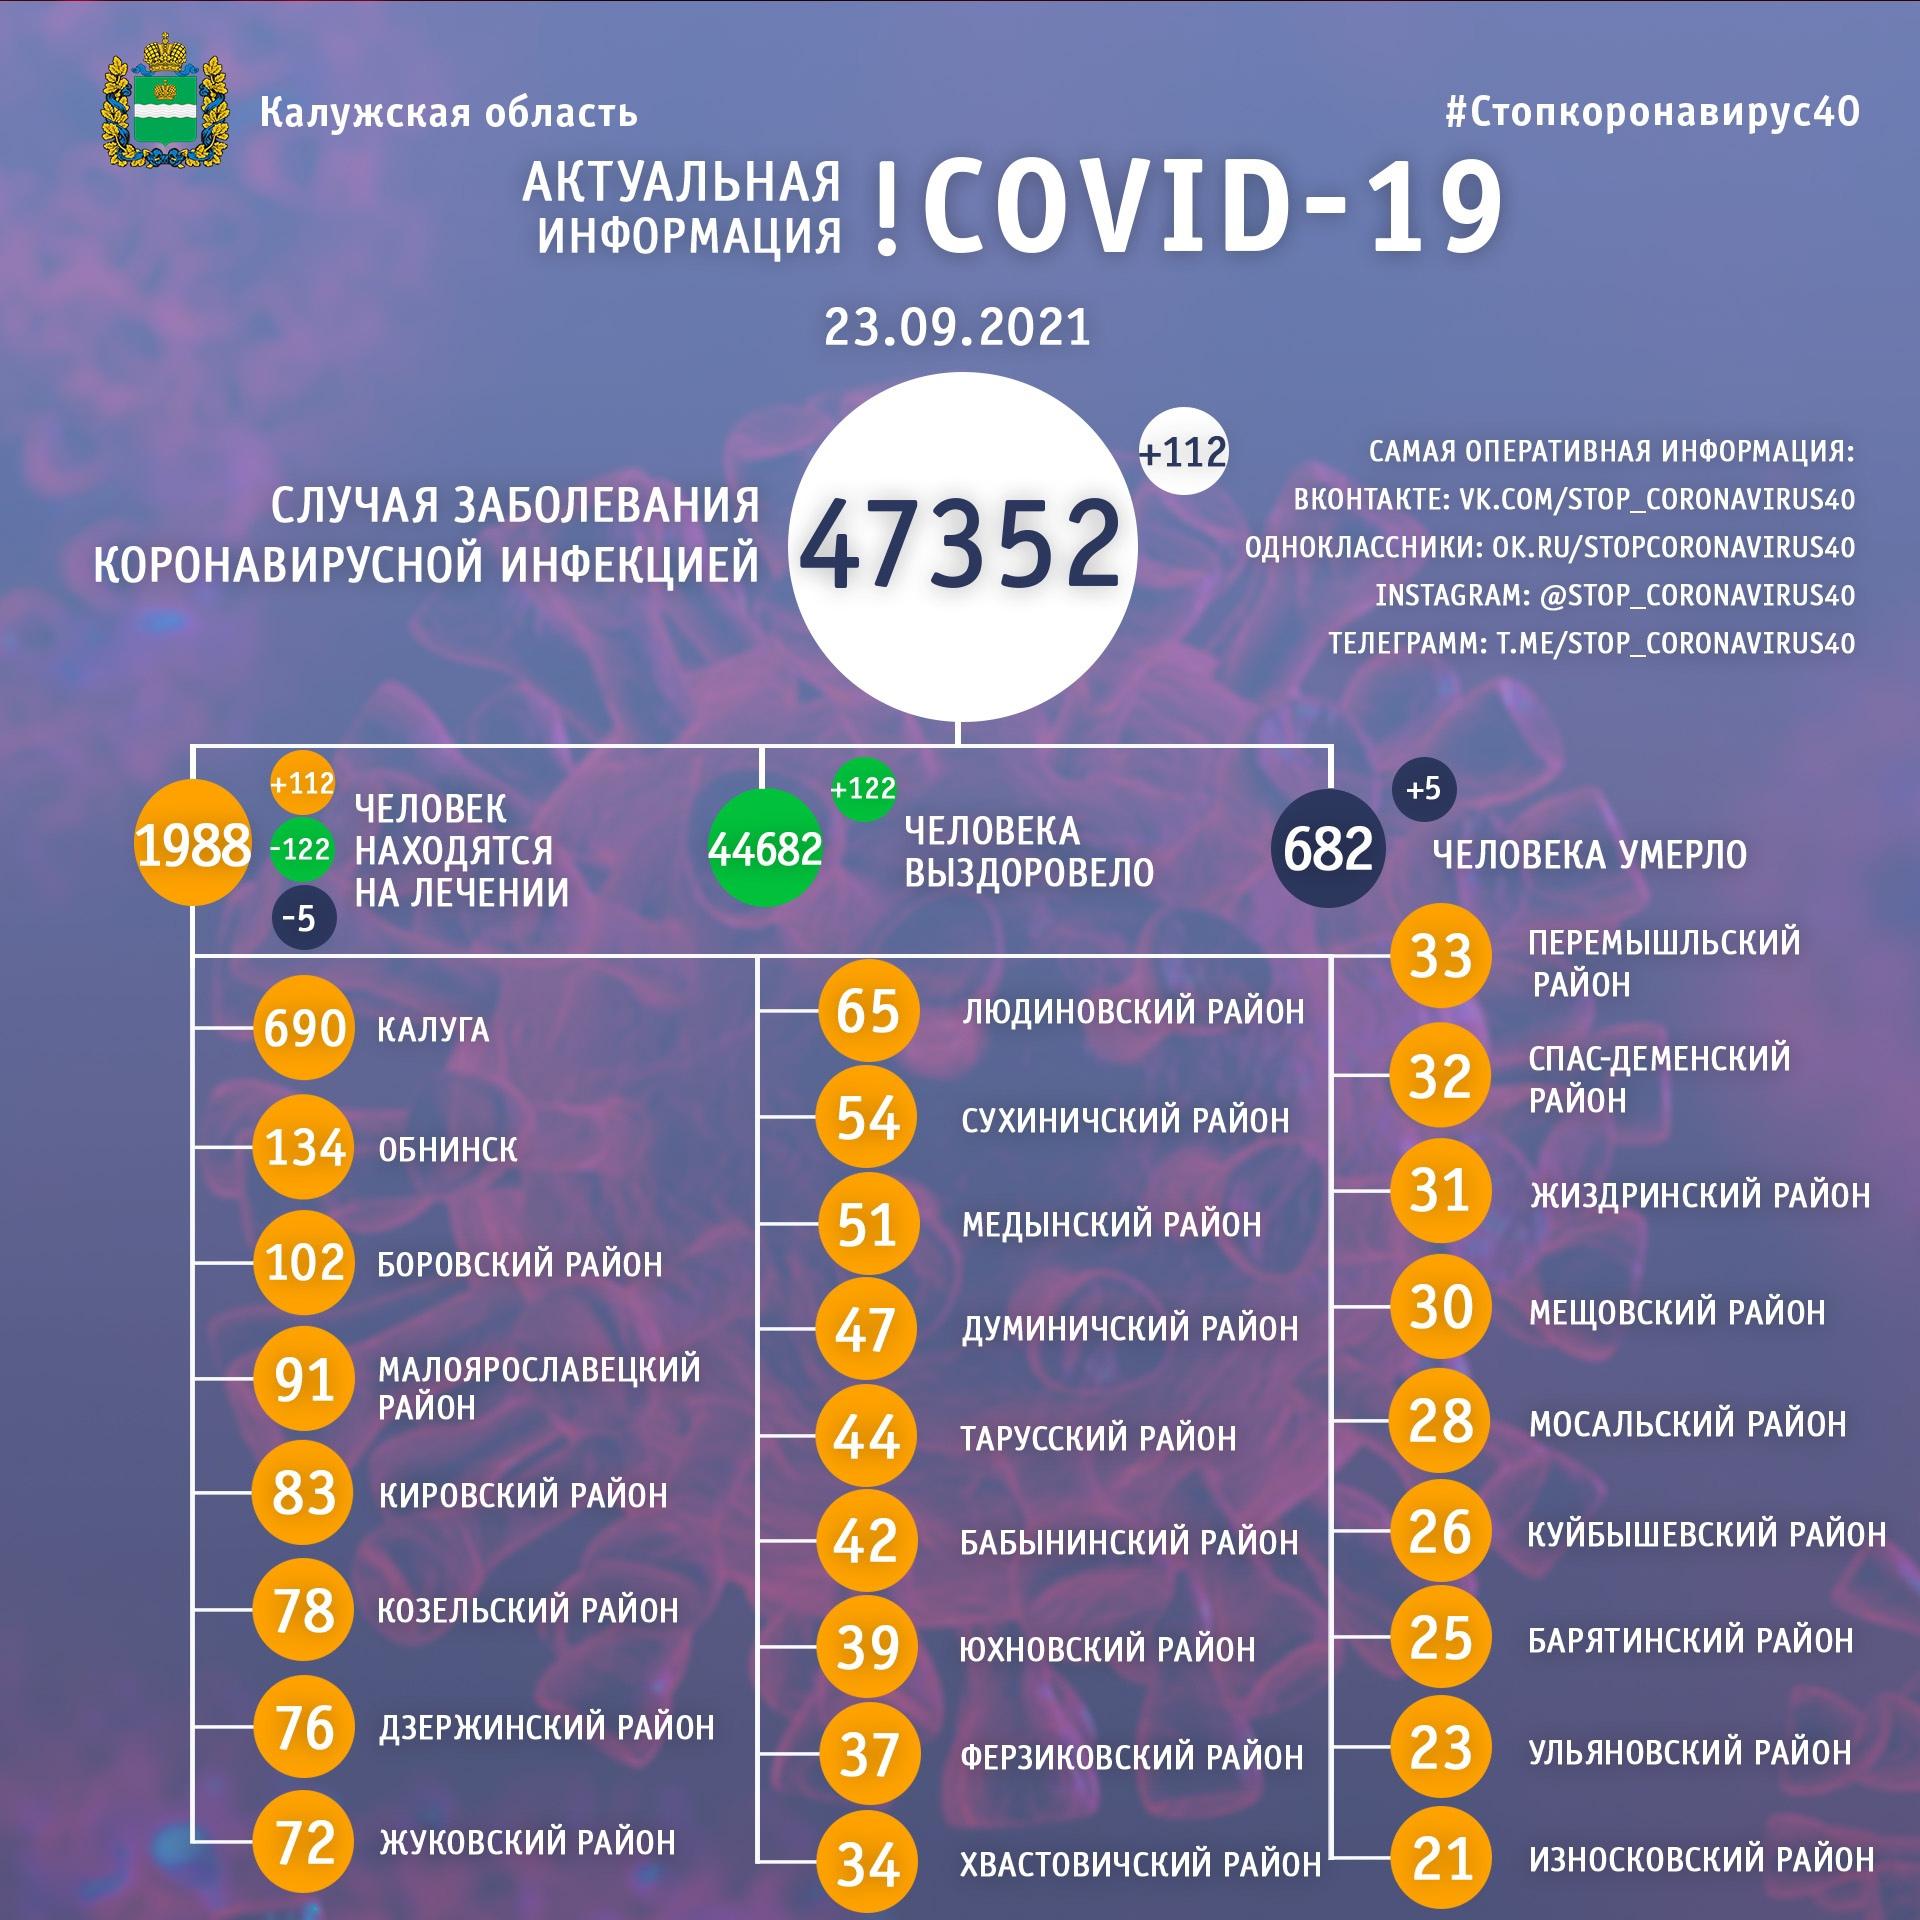 Официальная статистика по коронавирусу в Калужской области на 23 сентября 2021 года.